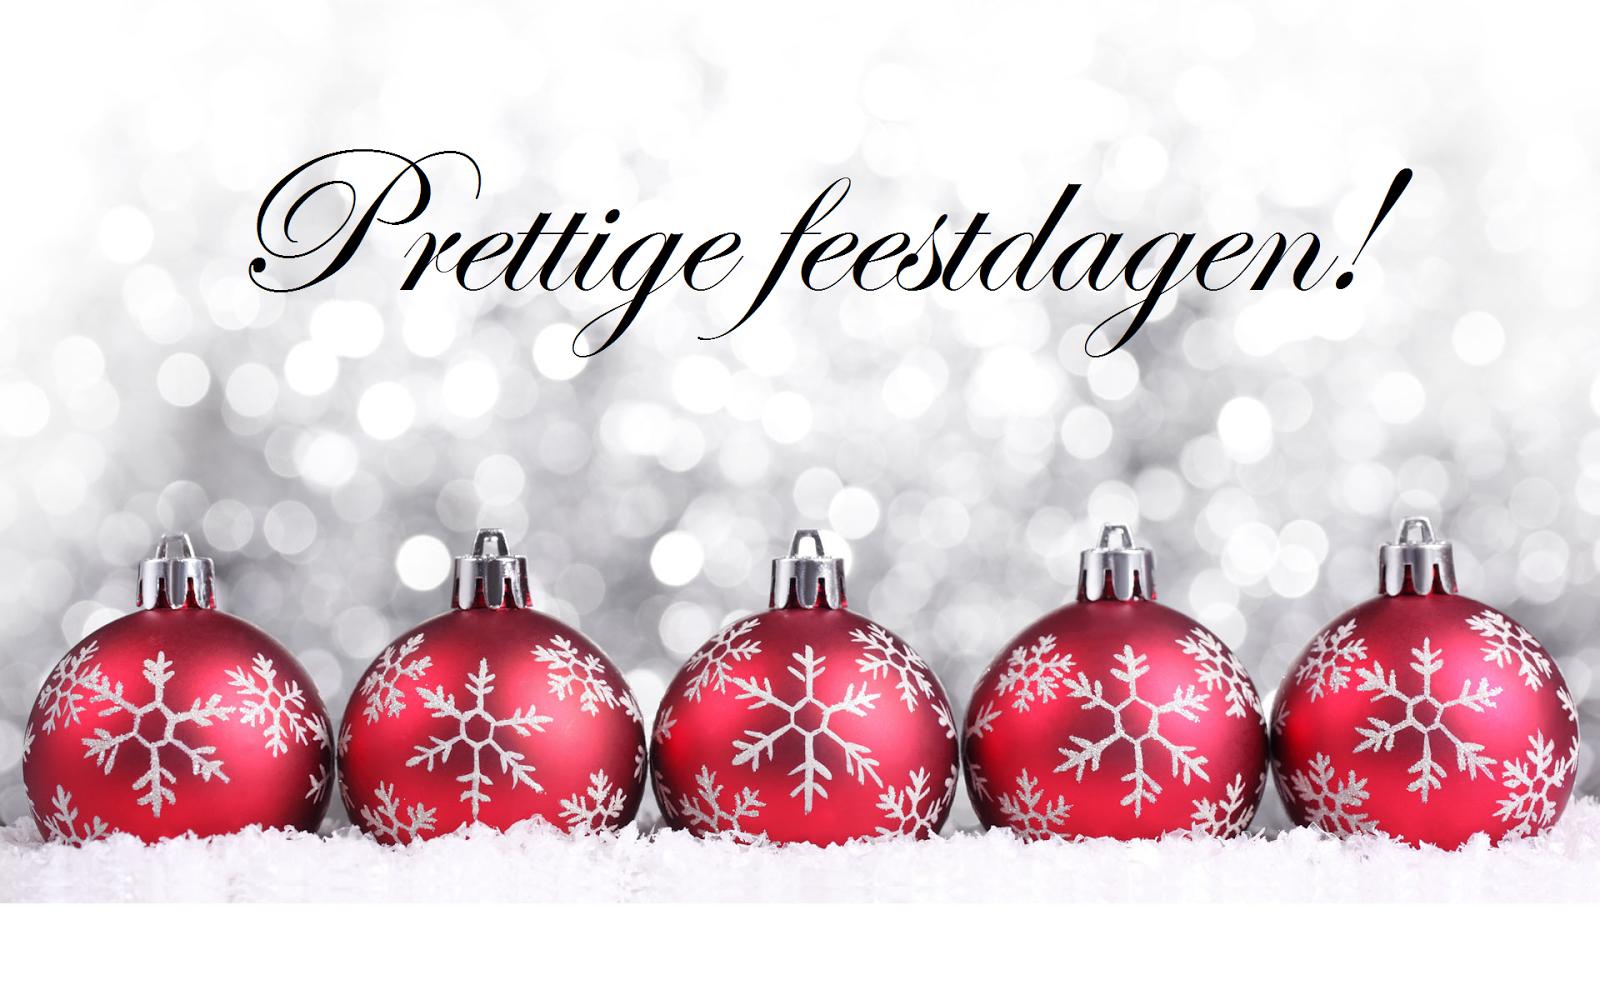 Kokkie wenst u prettige feestdagen toe!